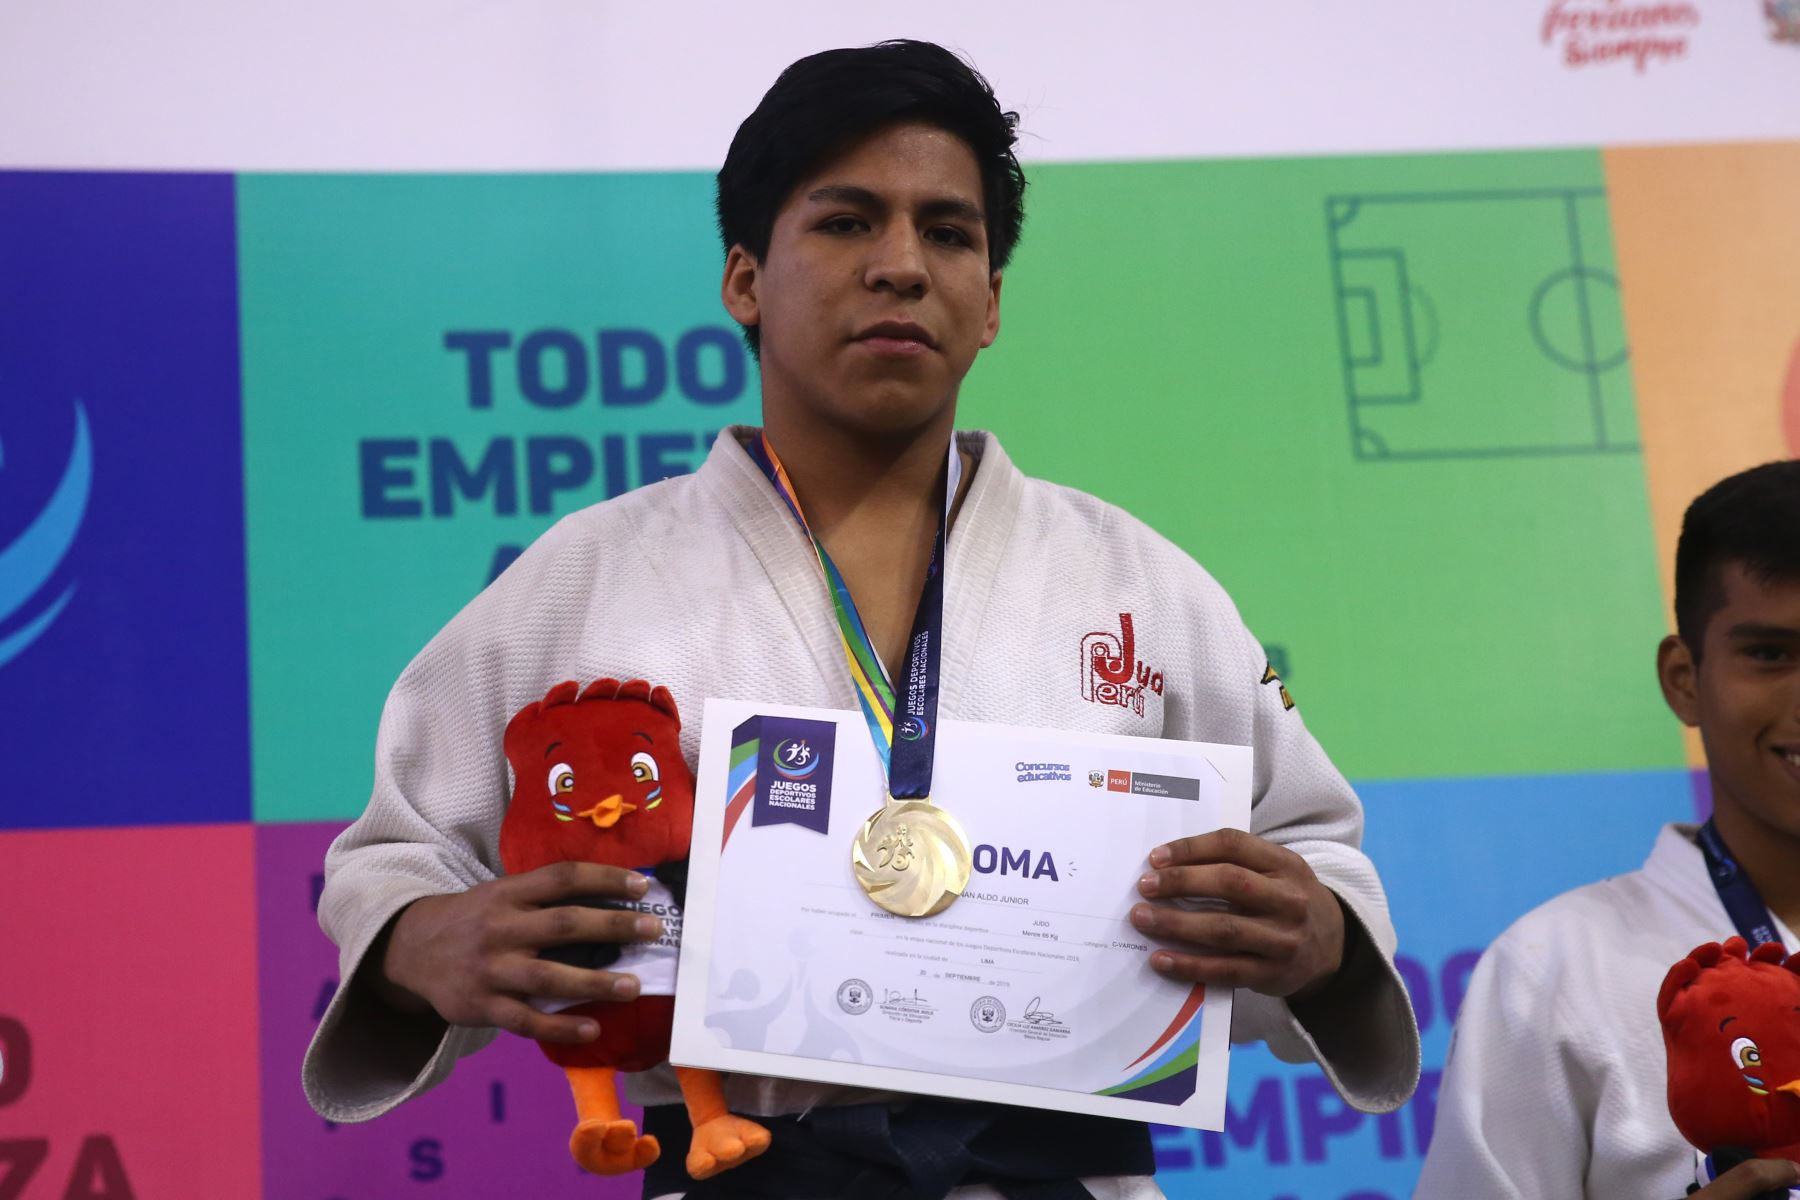 Junior Baltazar Miñan  del Colegio 00440 Hipolito Unanue de Callao medalla de oro, durante la premiación de Judo por  los Juegos Deportivos Escolares Nacionales en Coliseo Manuel Bonilla de  Miraflores. Foto: ANDINA/Vidal Tarqui